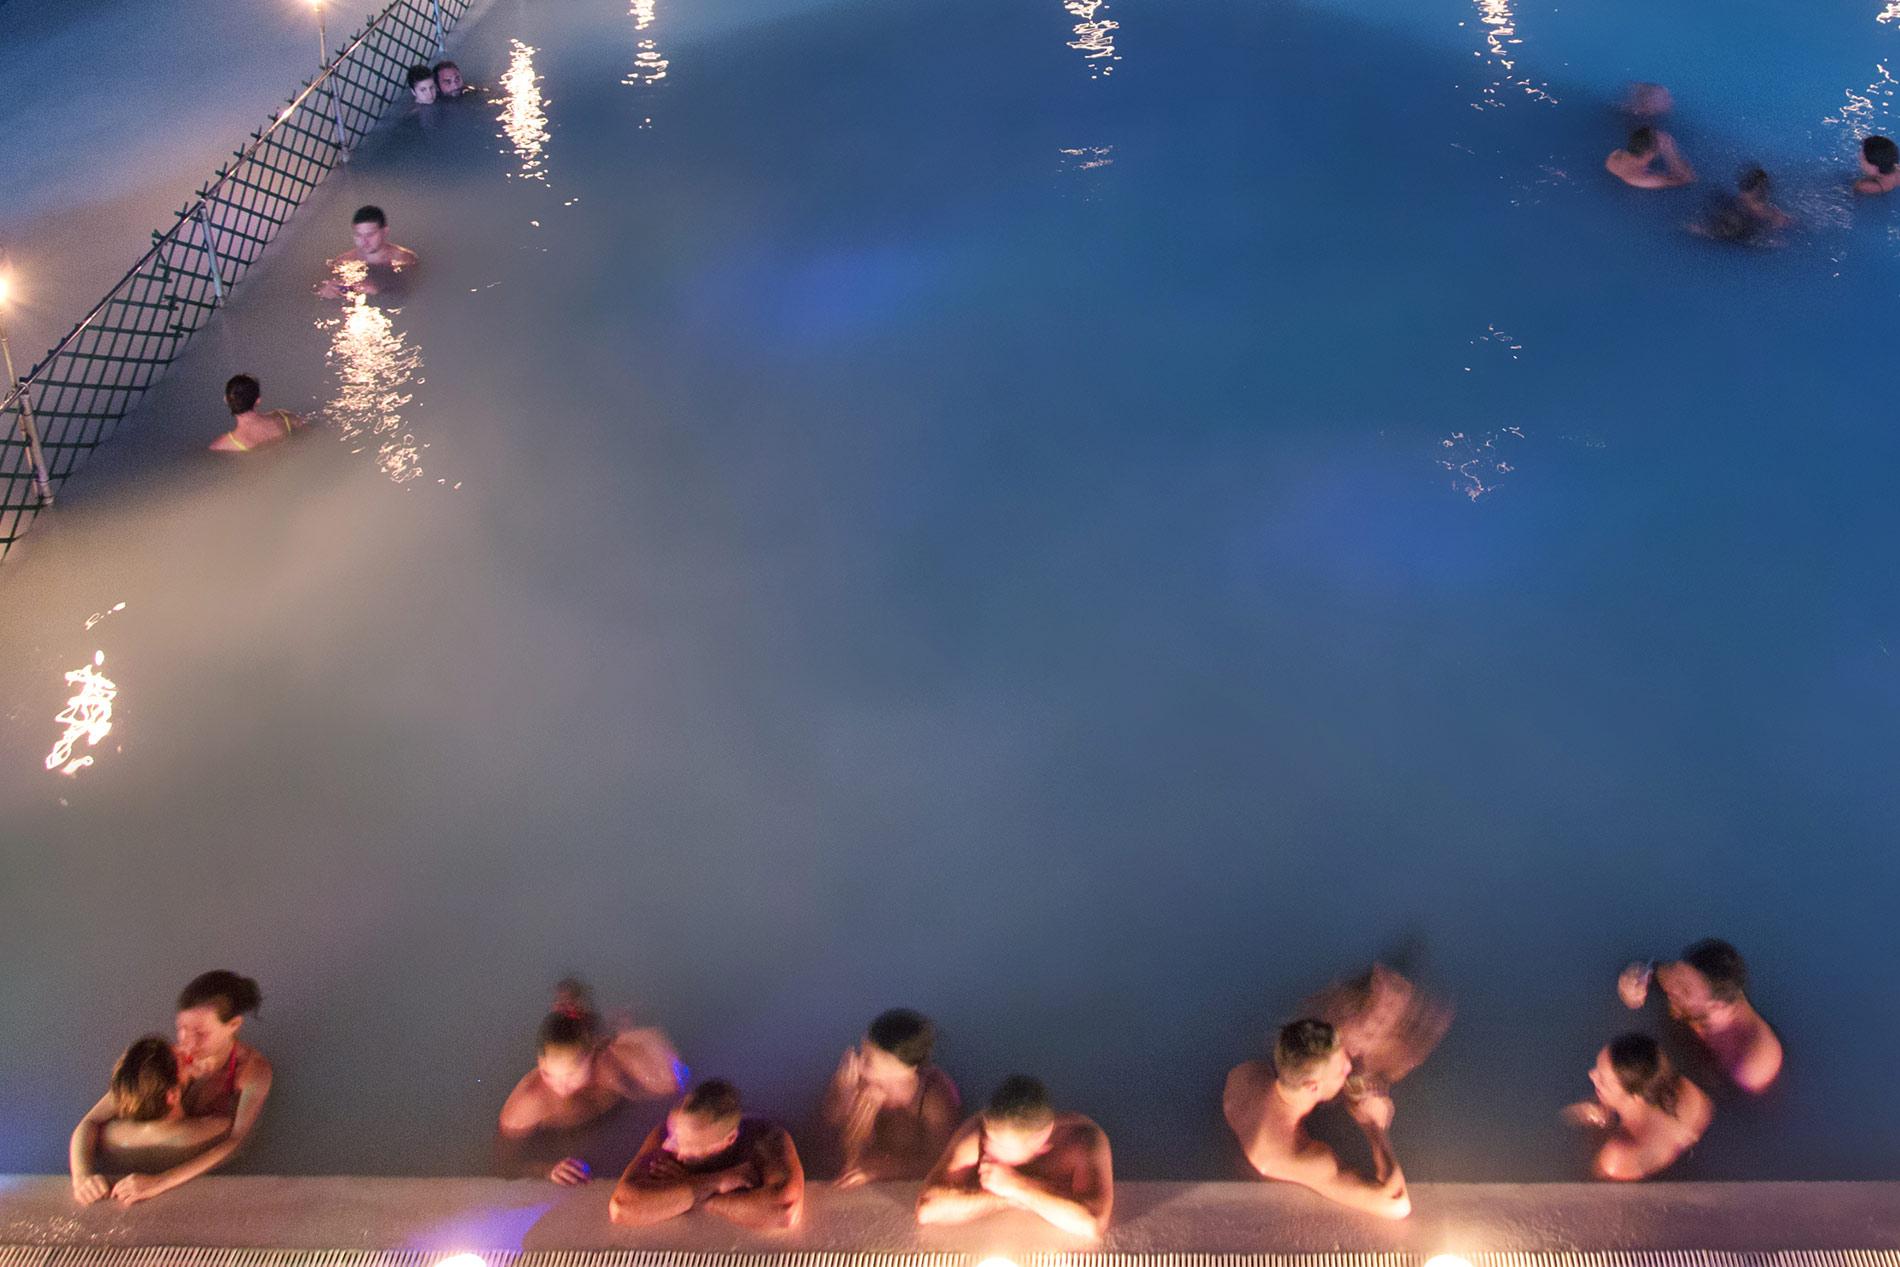 Vasca Da Bagno Romantica Con Candele : Terme di notte bagno a lume di candela 19 aprile ⊶ contursi terme